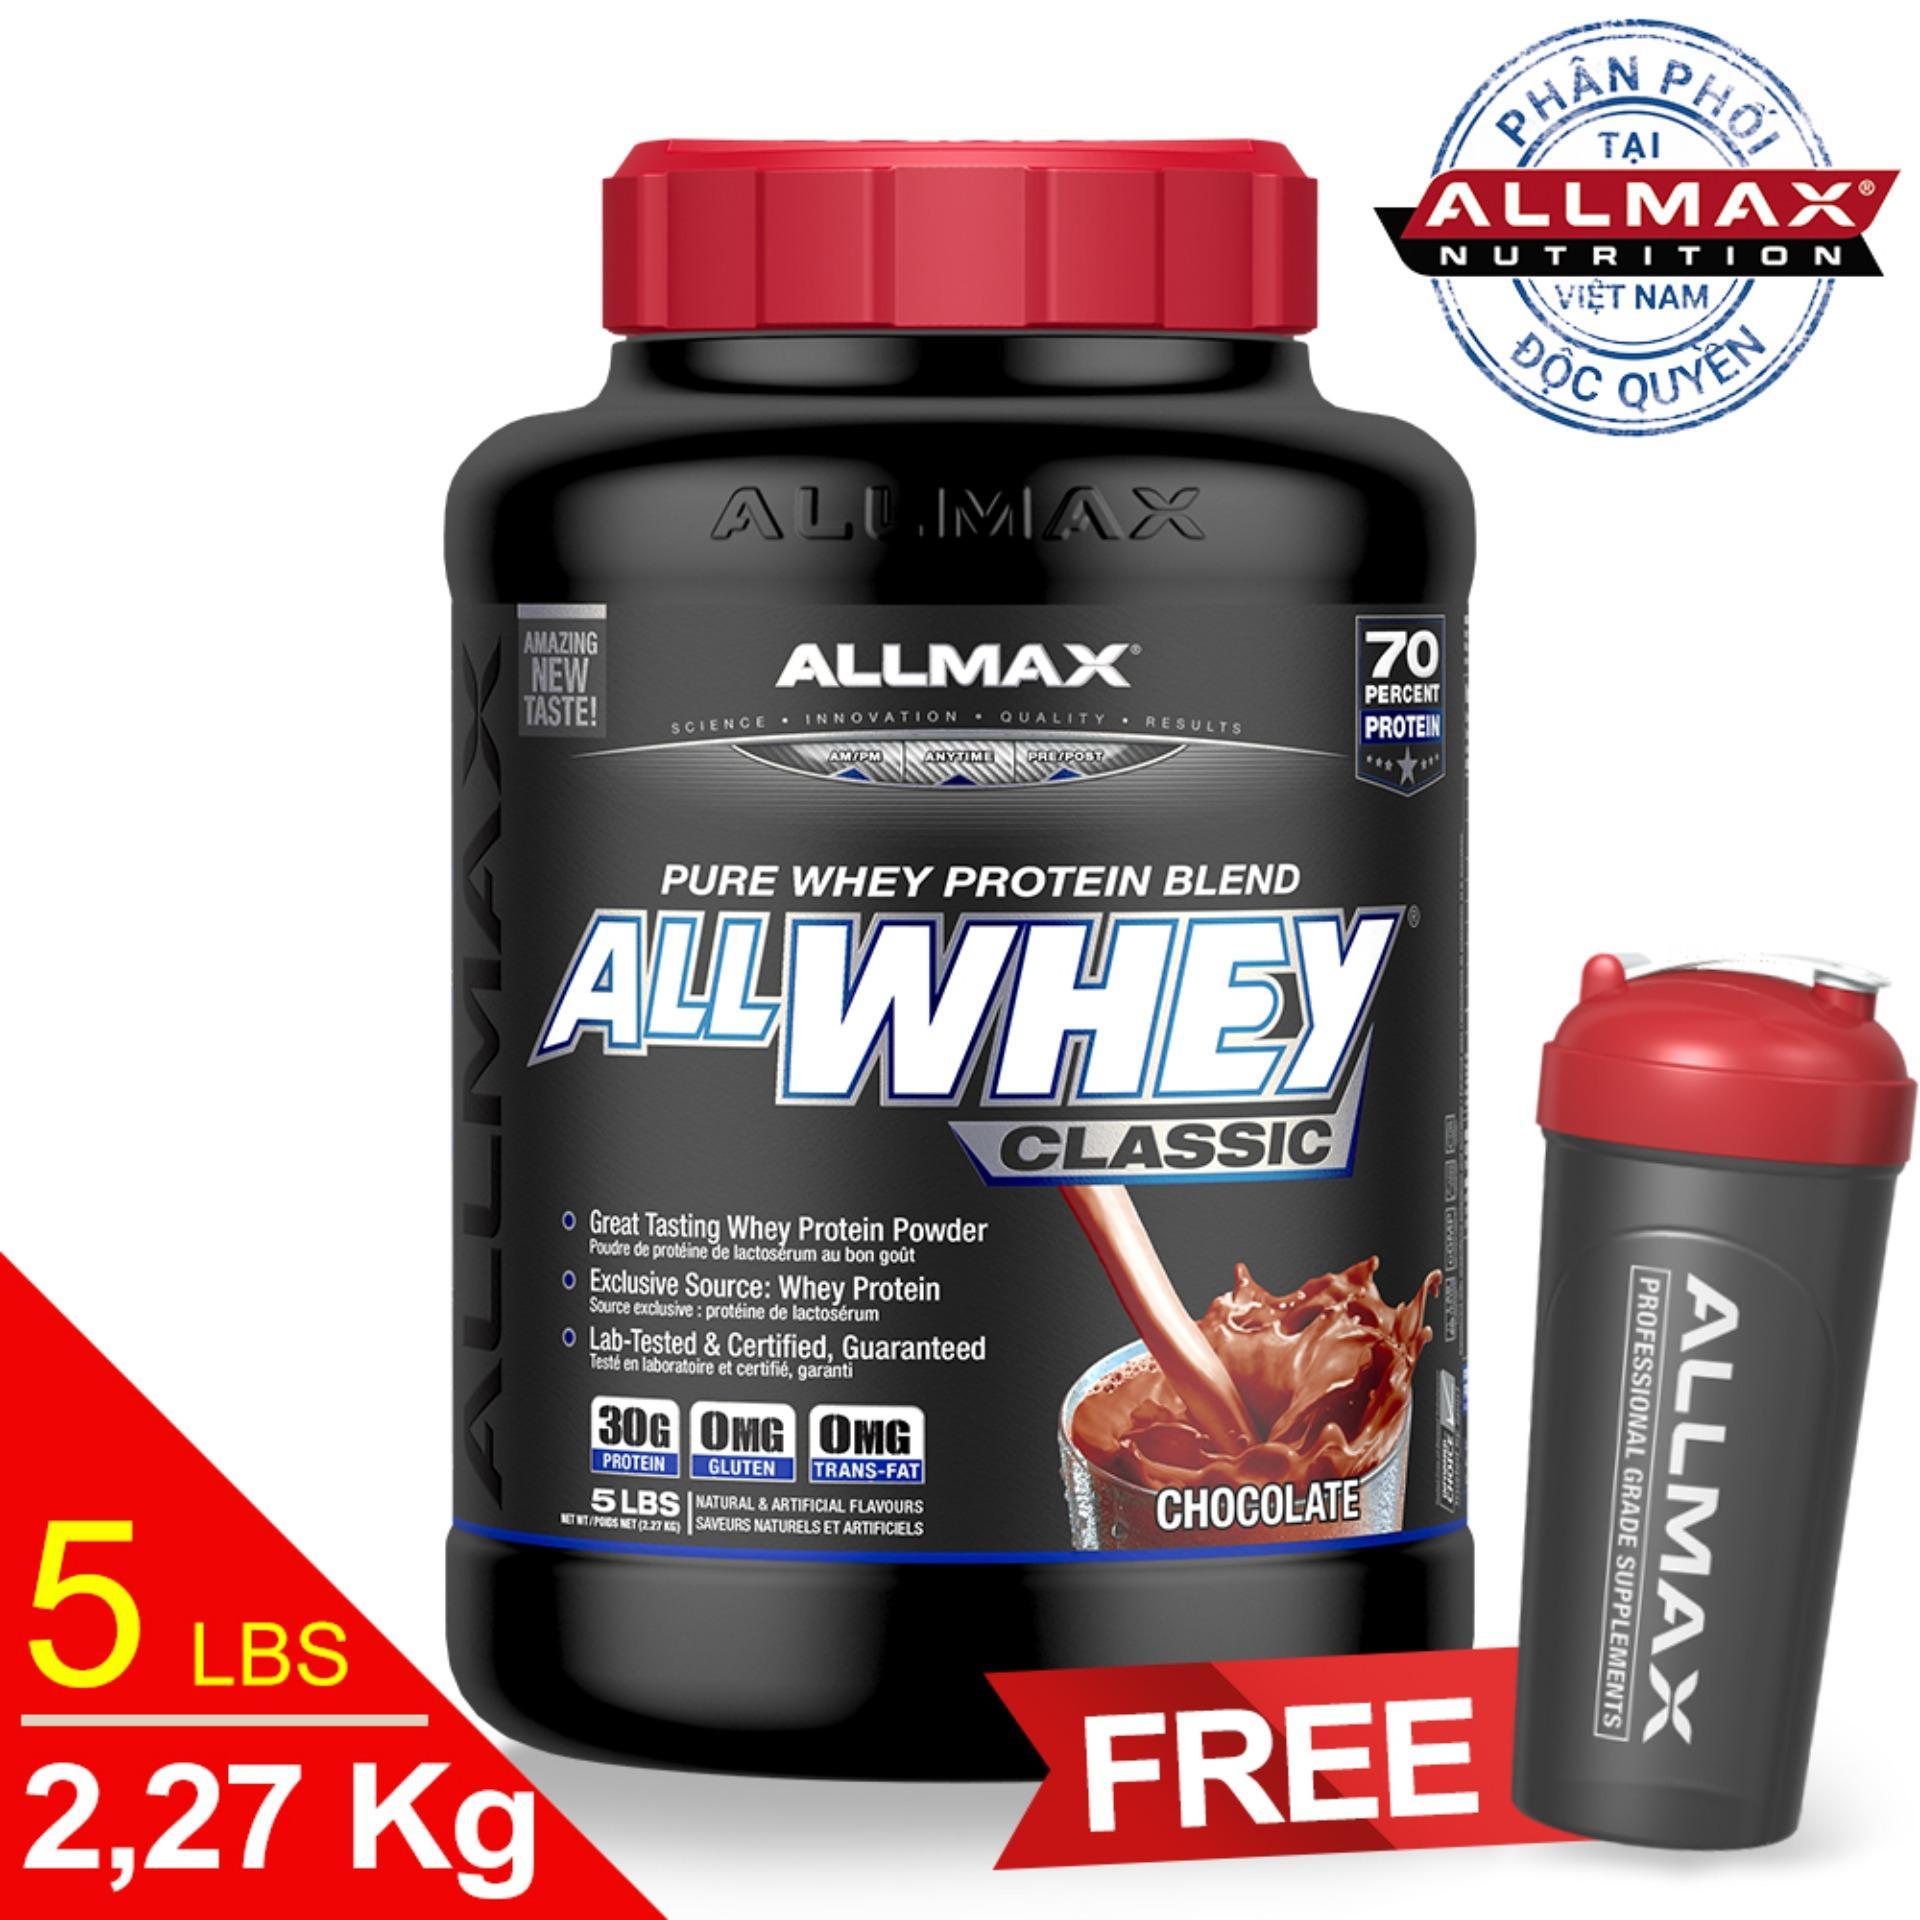 Hình ảnh Thực phẩm bổ sung whey protein thể thao ALLMAX ALLWHEY CLASSIC CHOCOLATE 5lbs